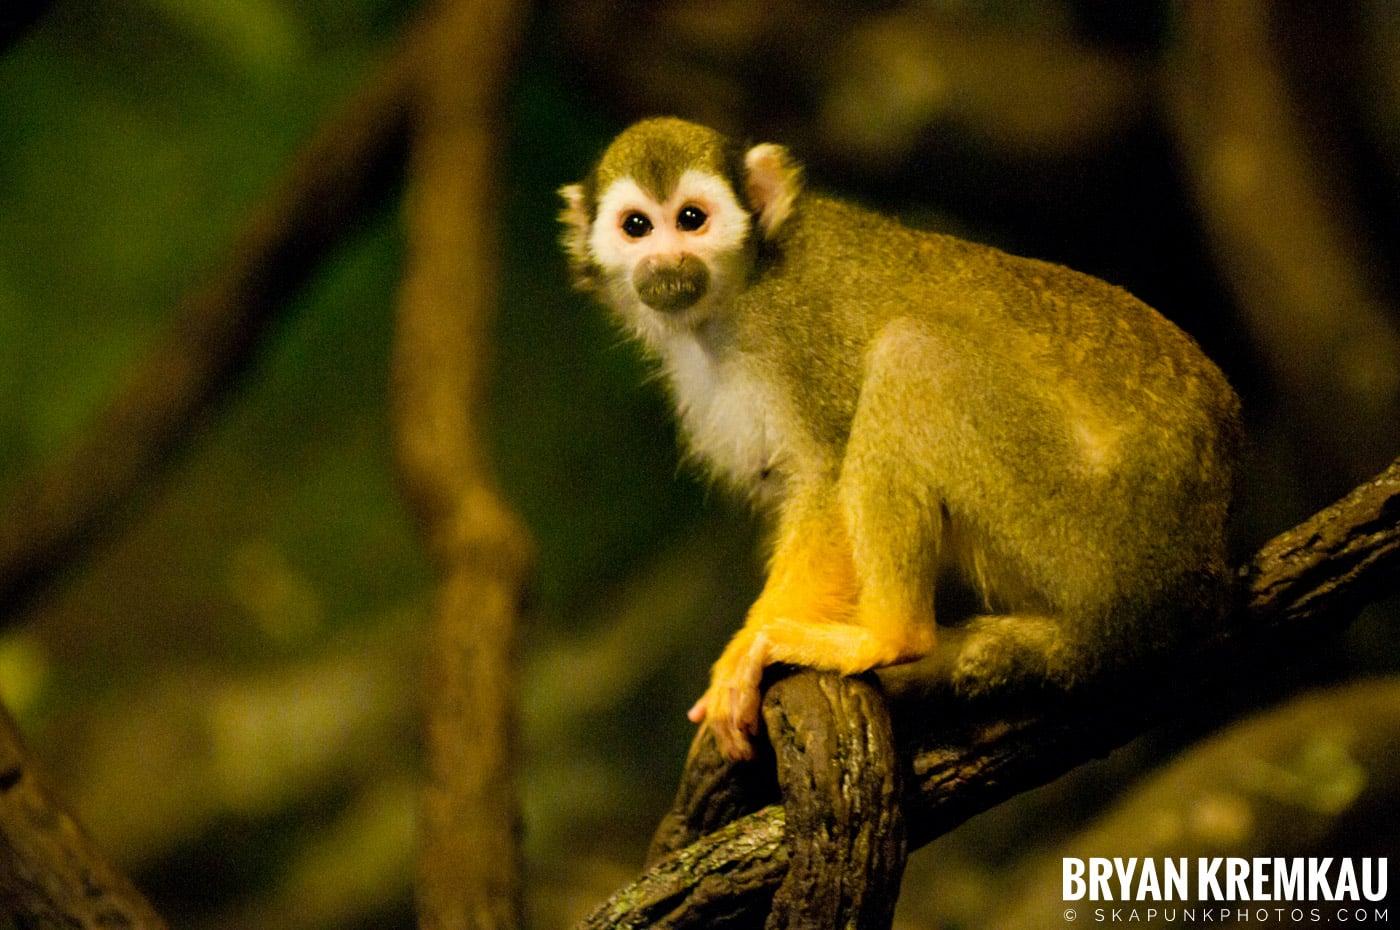 The Bronx Zoo @ Bronx, NYC - 5.7.11 (16)